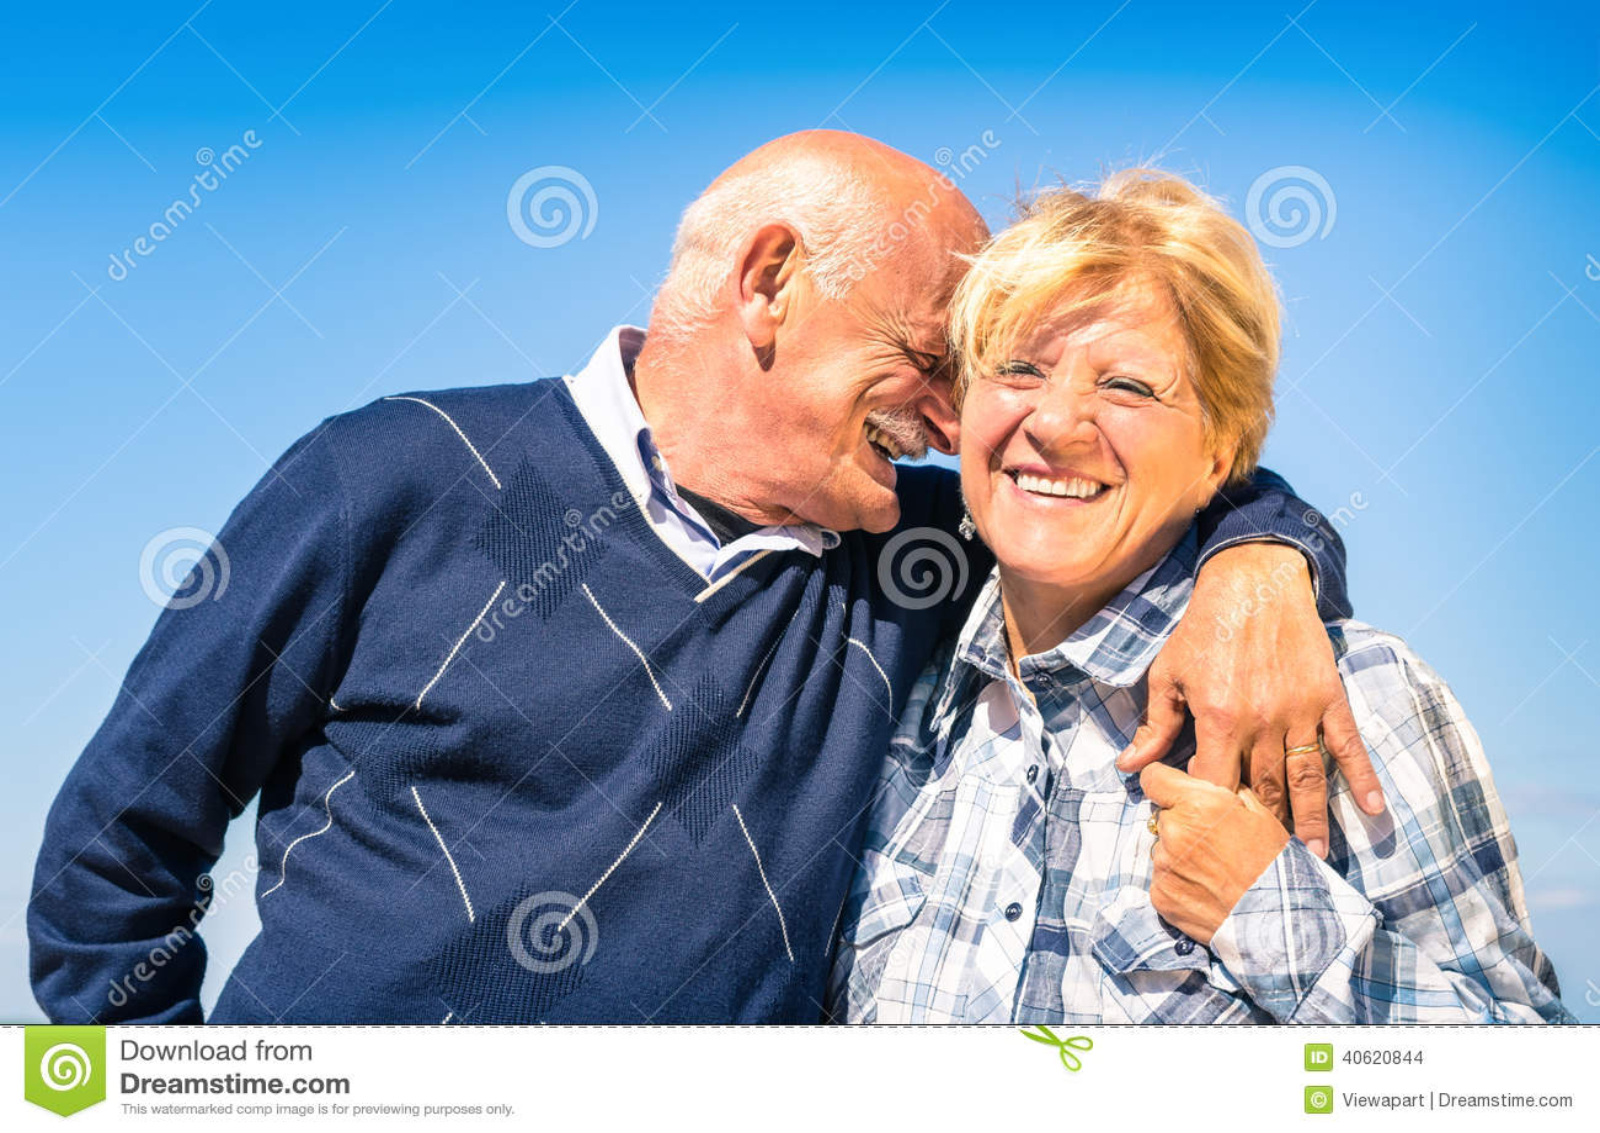 Glückliche ältere Paare in der Liebe am Ruhestand - froher älterer Lebensstil